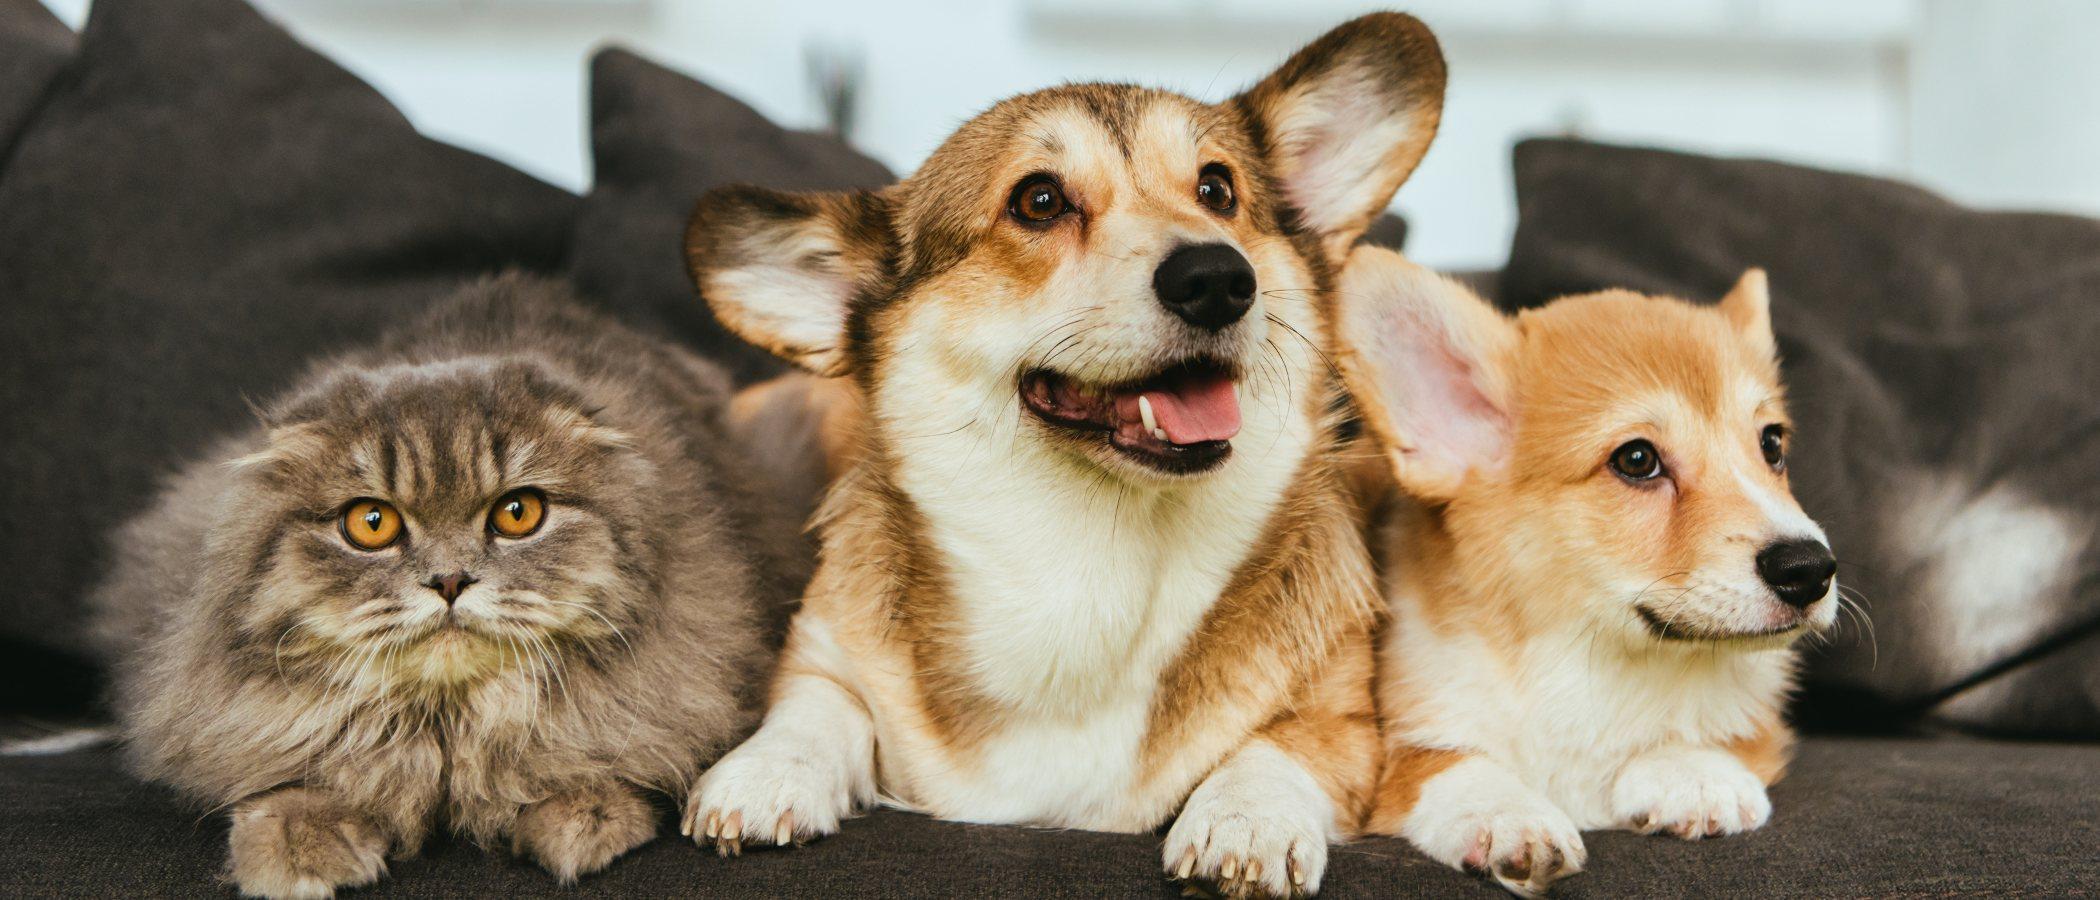 Beneficios de tener una mascota en casa durante la cuarentena